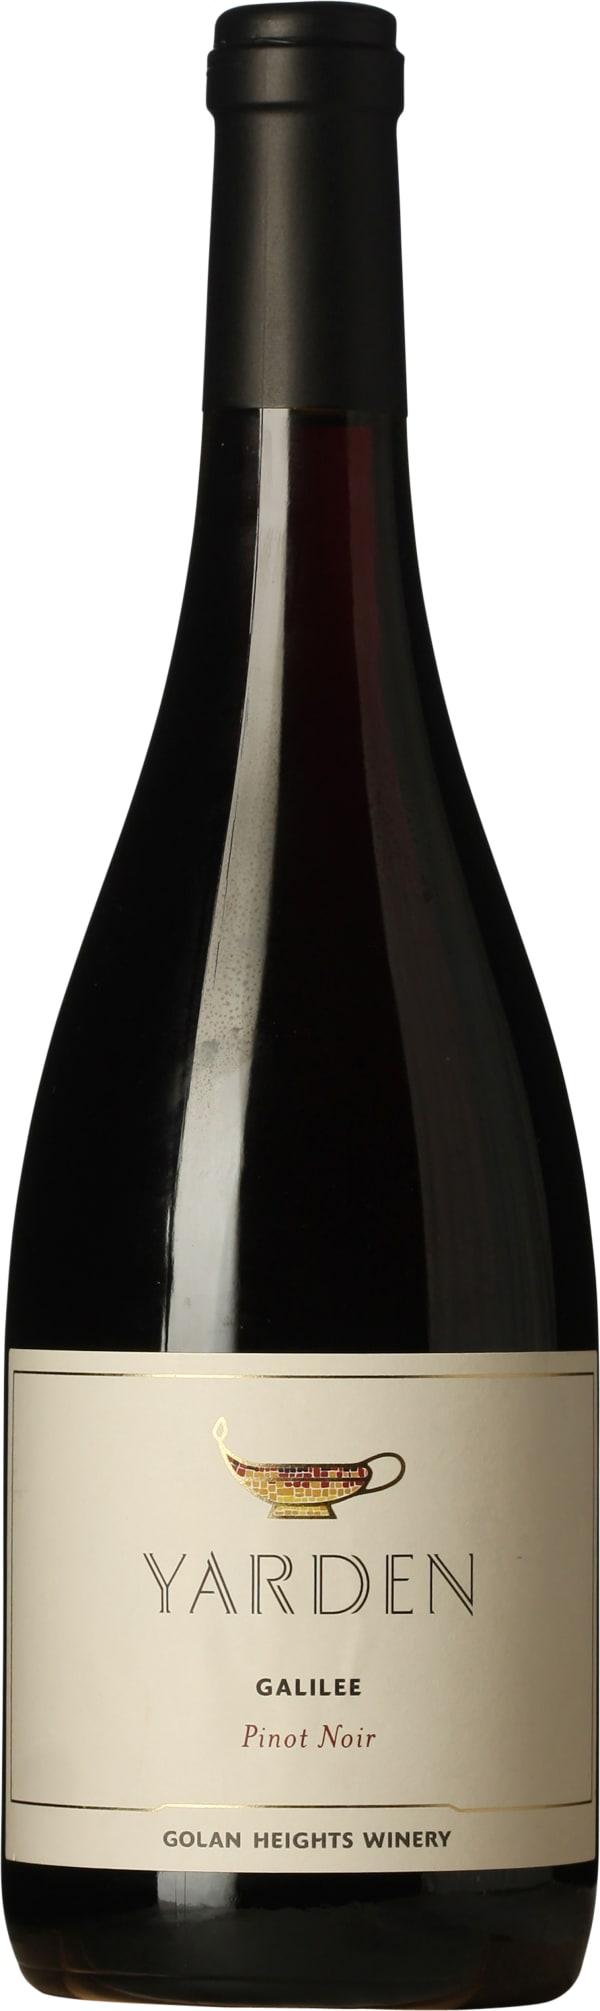 Yarden Pinot Noir 2013